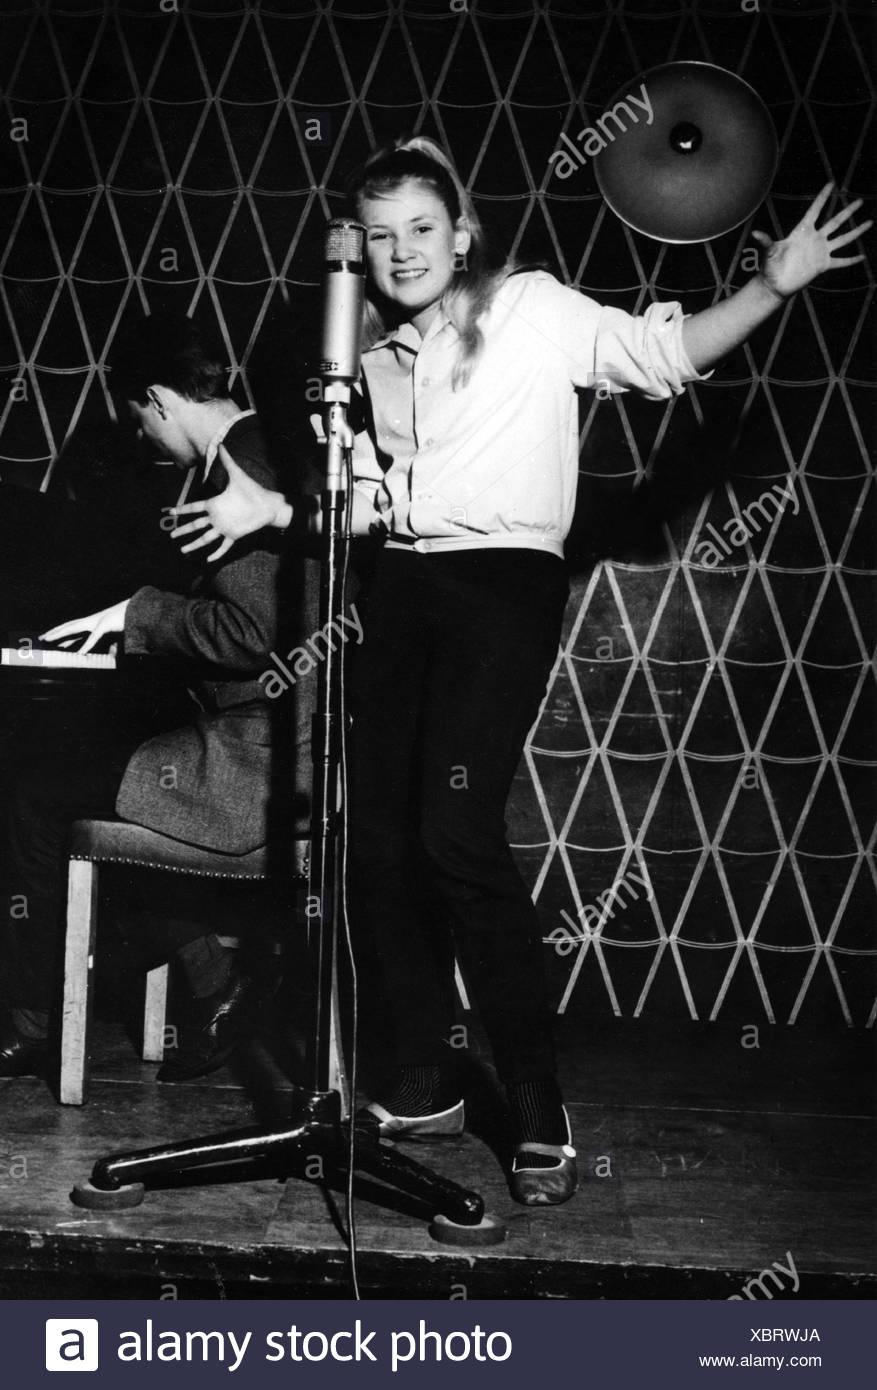 Haenning, Gitte, * 29.6.1946, Danish singer, full length, singing, around 1960, pop, music, 1960s, 60s, child, tennager, young, - Stock Image